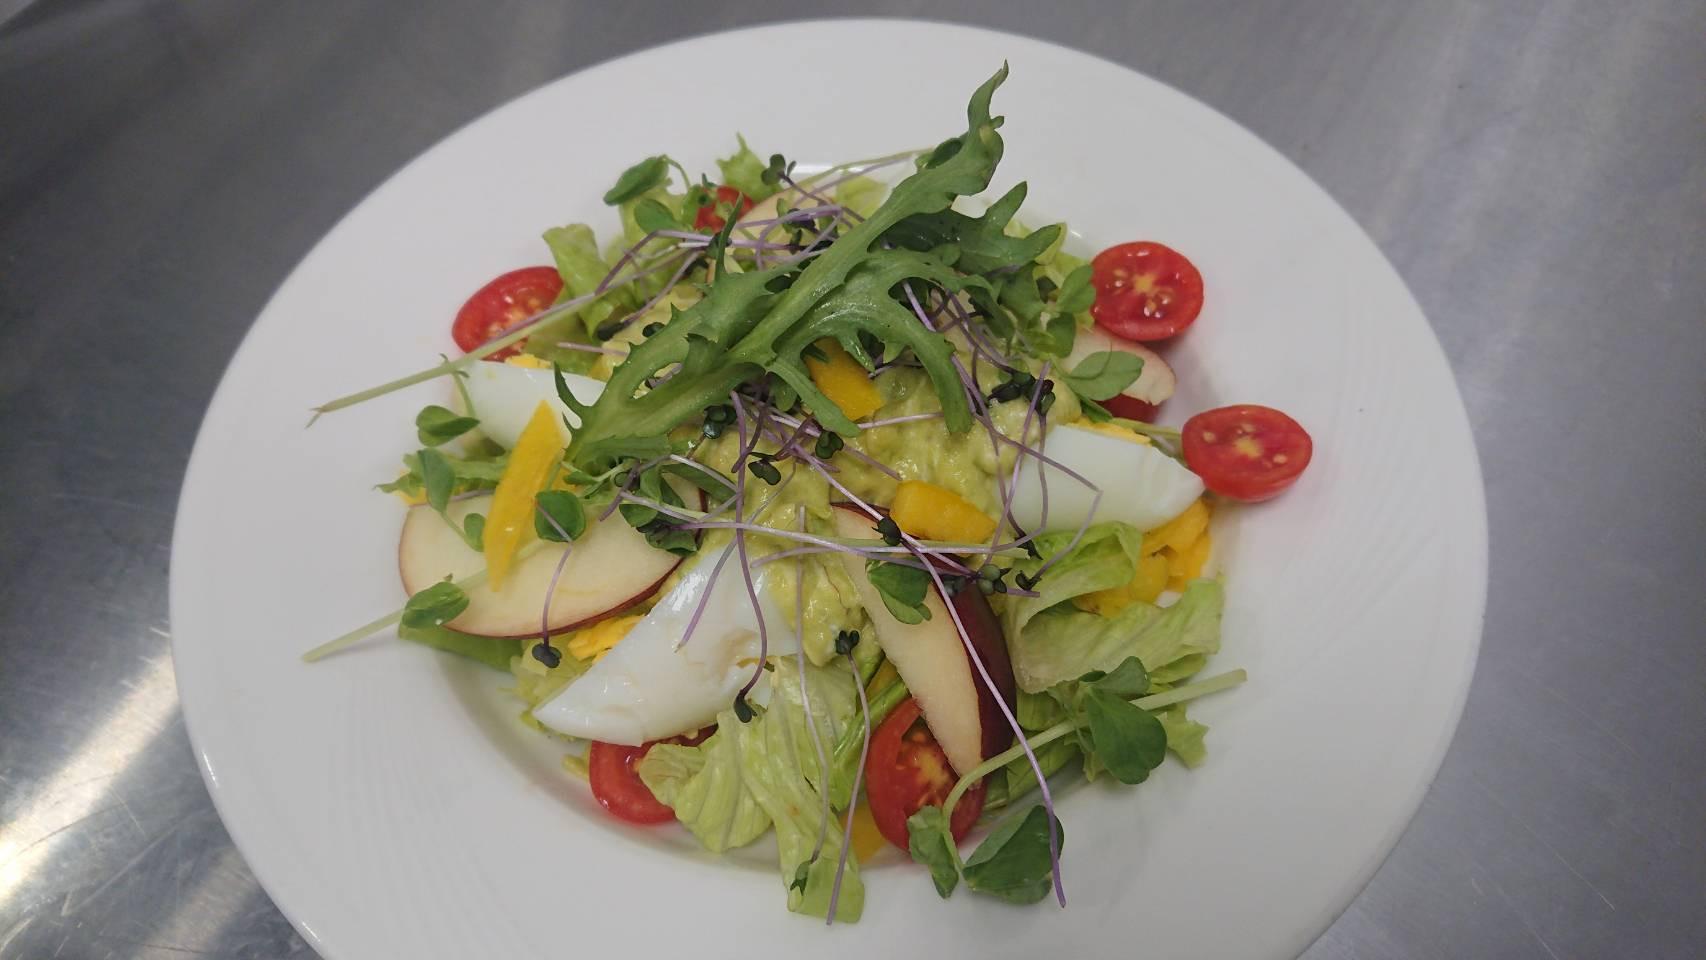 傑瑞歐法私廚 | 夏日酪梨沙拉